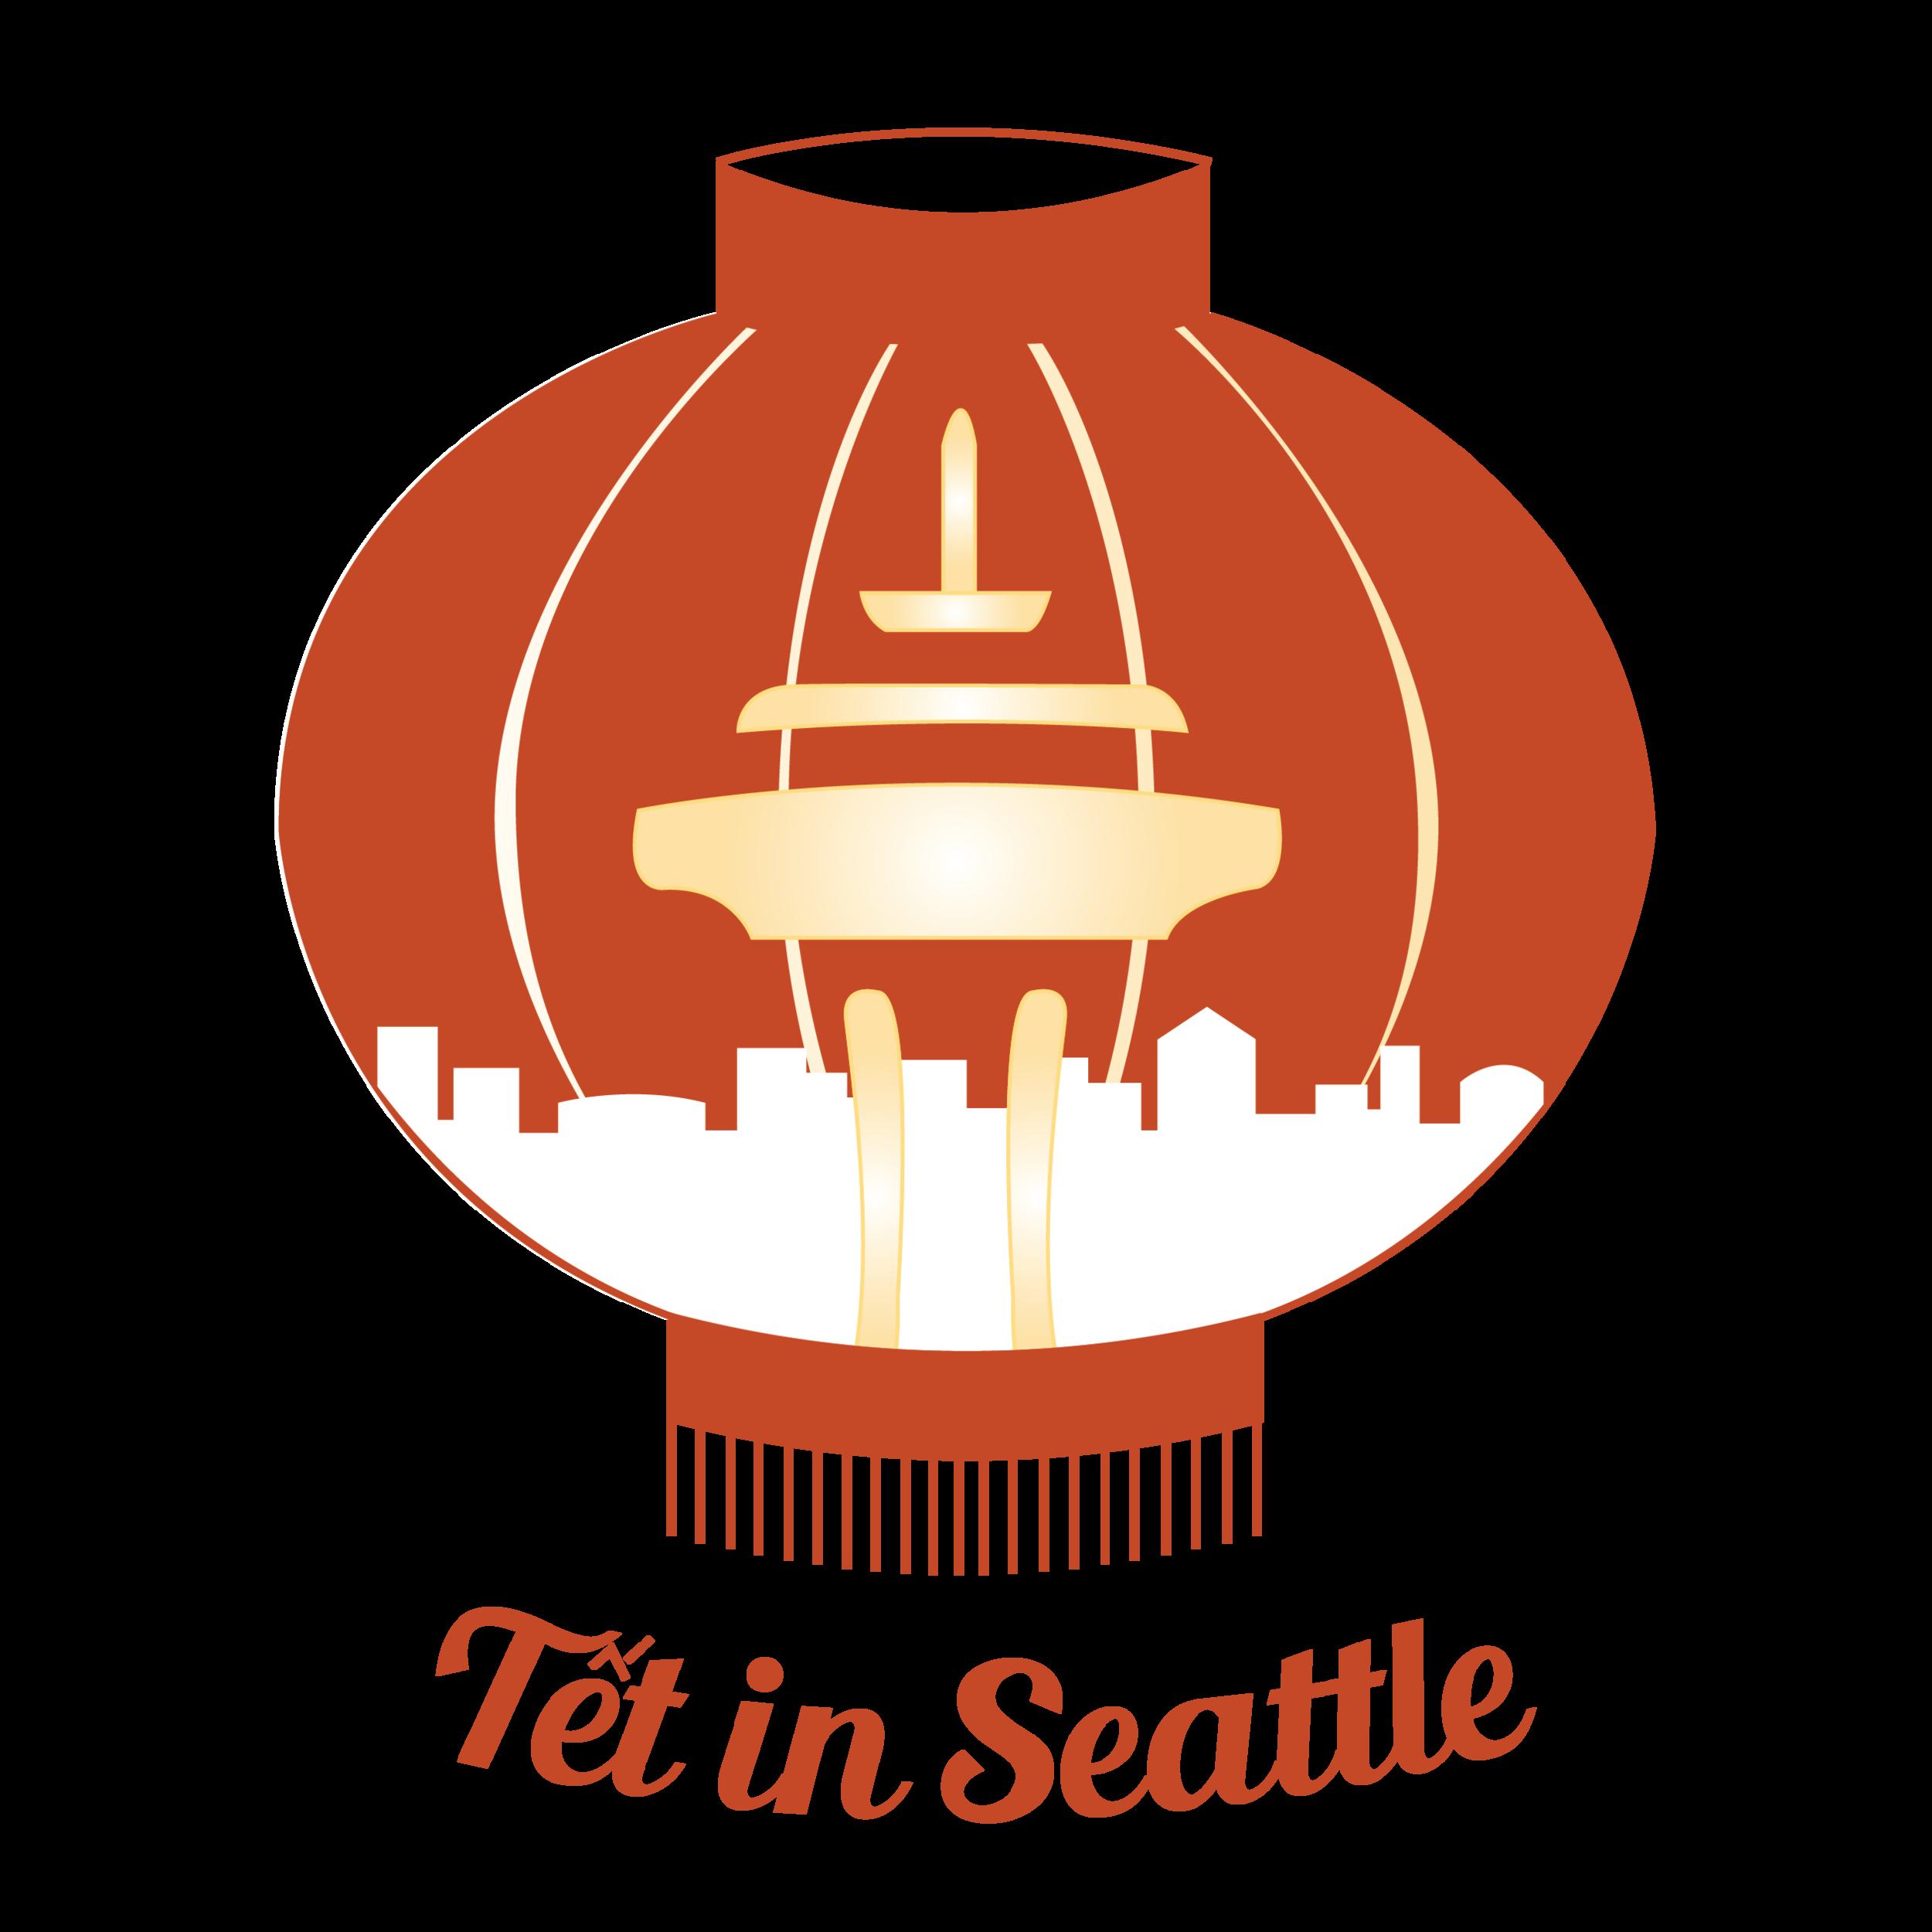 Tet in Seattle 2019-2020